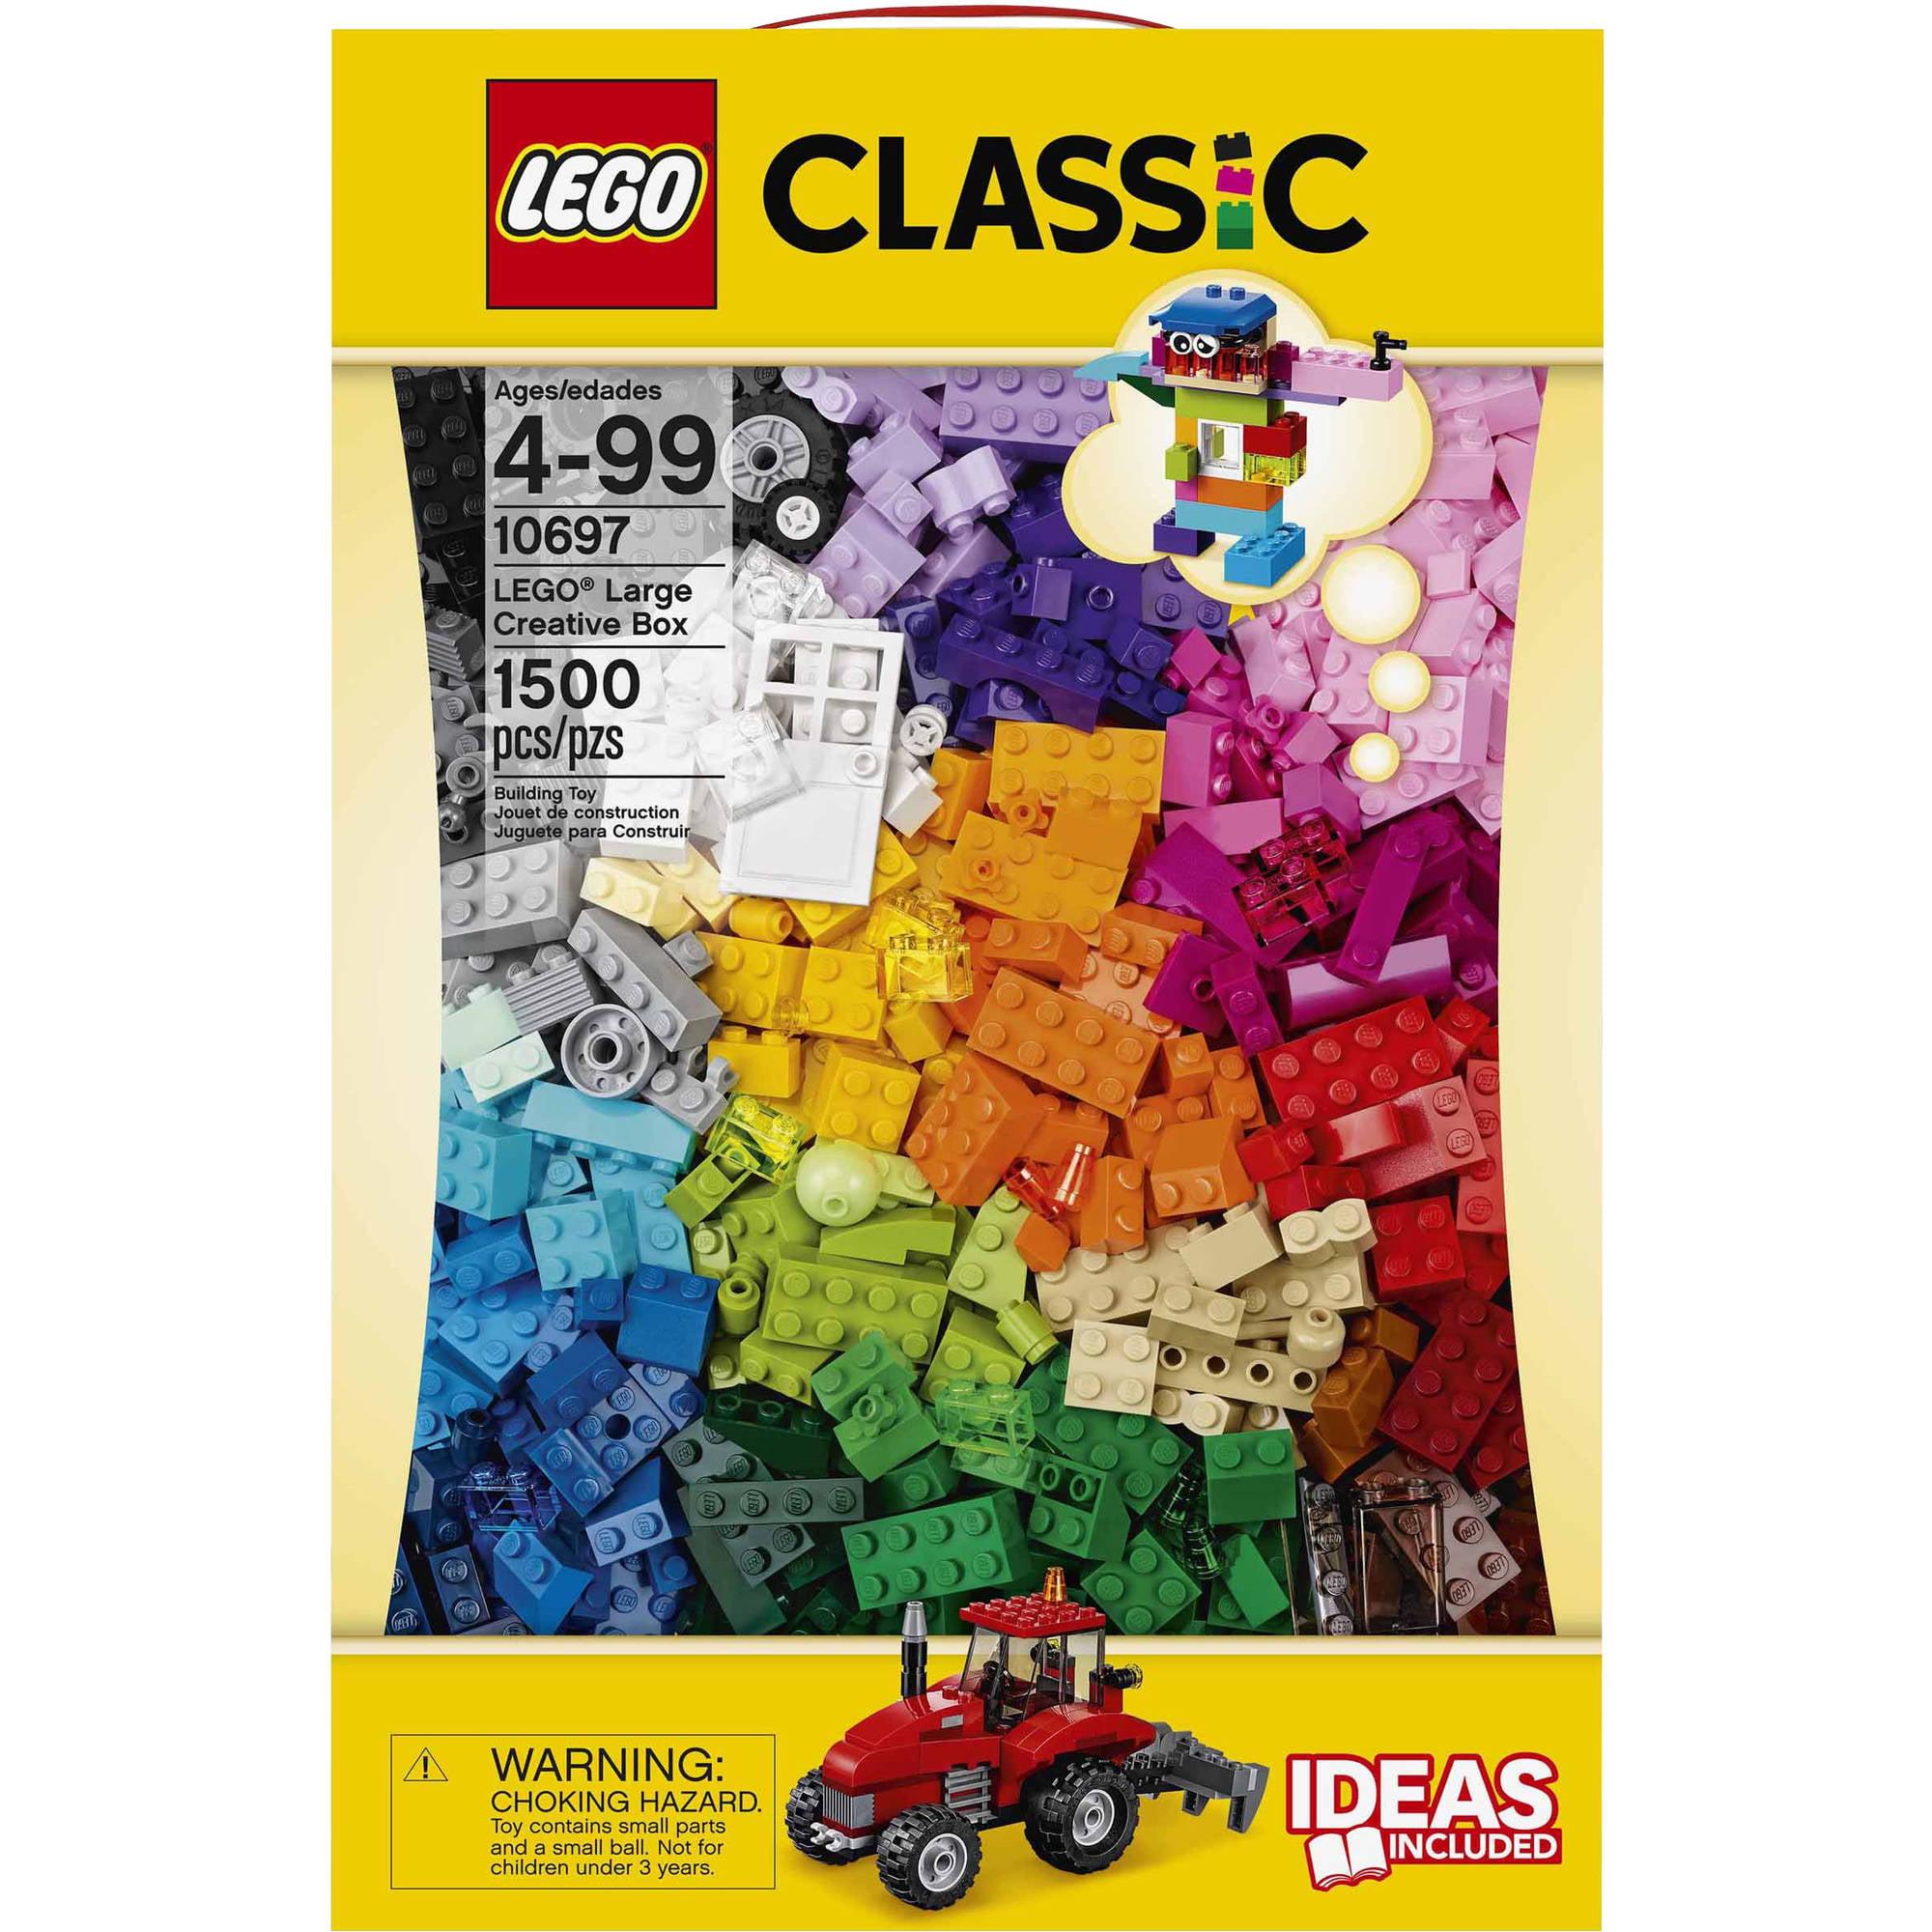 LEGO Classic Large Creative Box